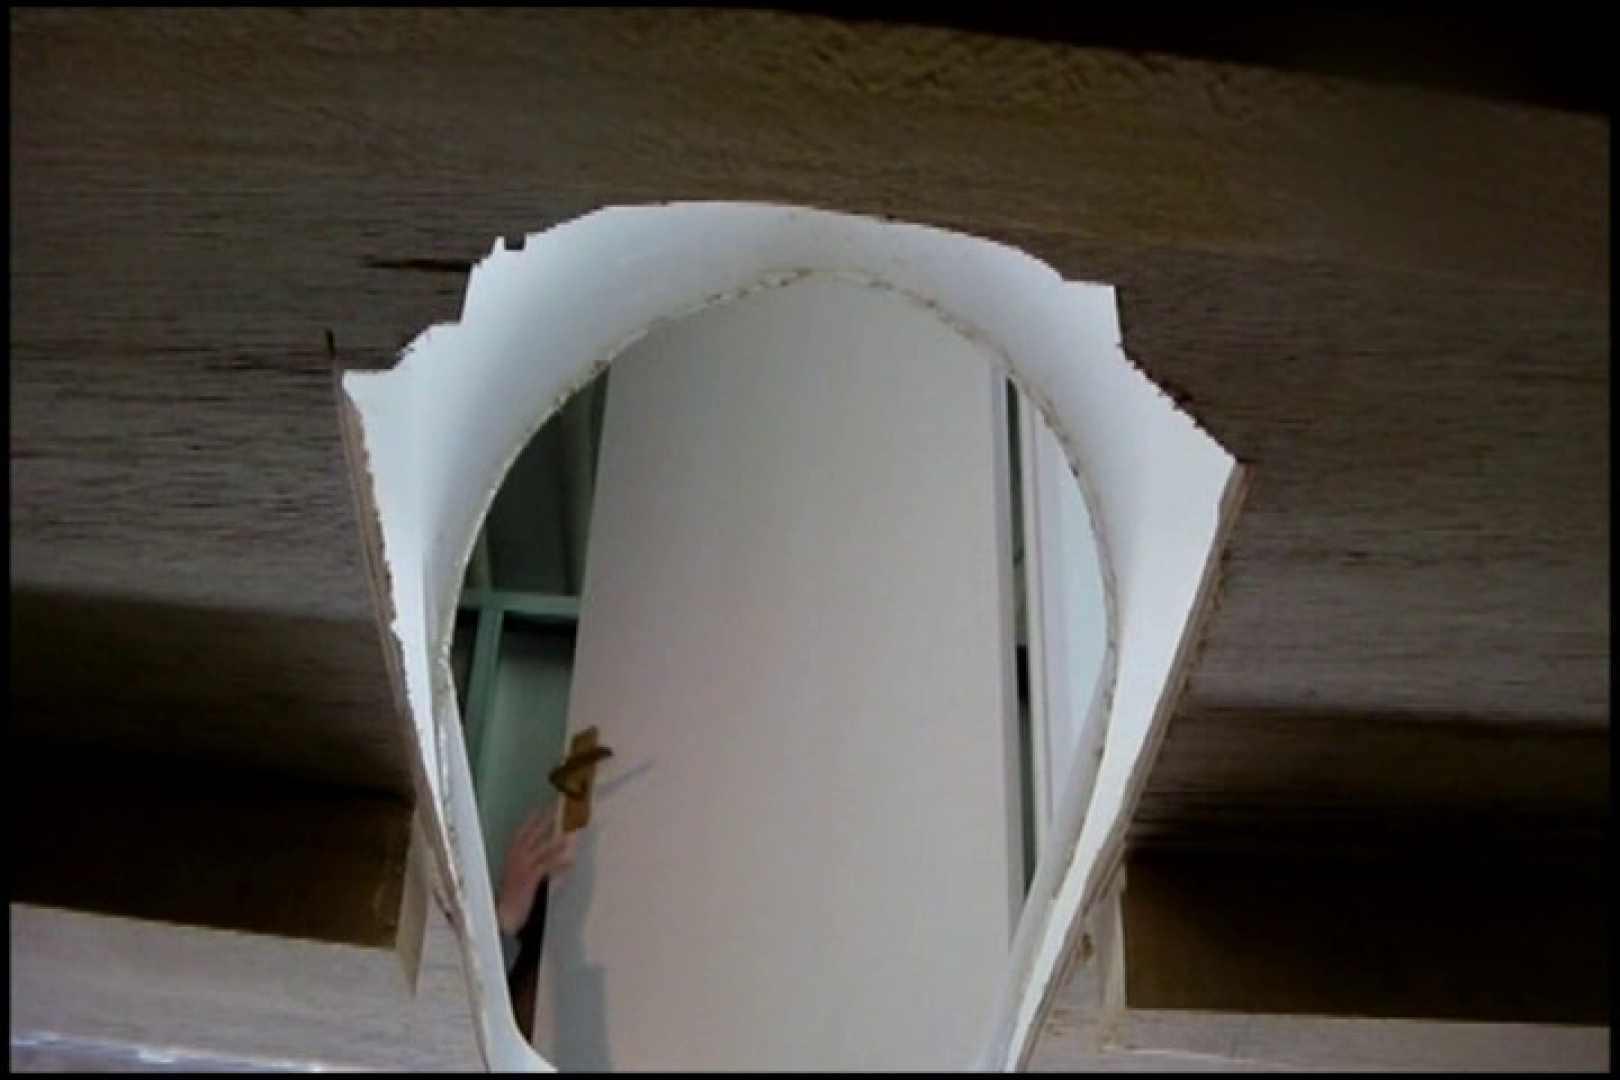 和式にまたがる女たちを待ちうけるカメラの衝撃映像vol.04 盗撮シリーズ セックス画像 84PIX 77